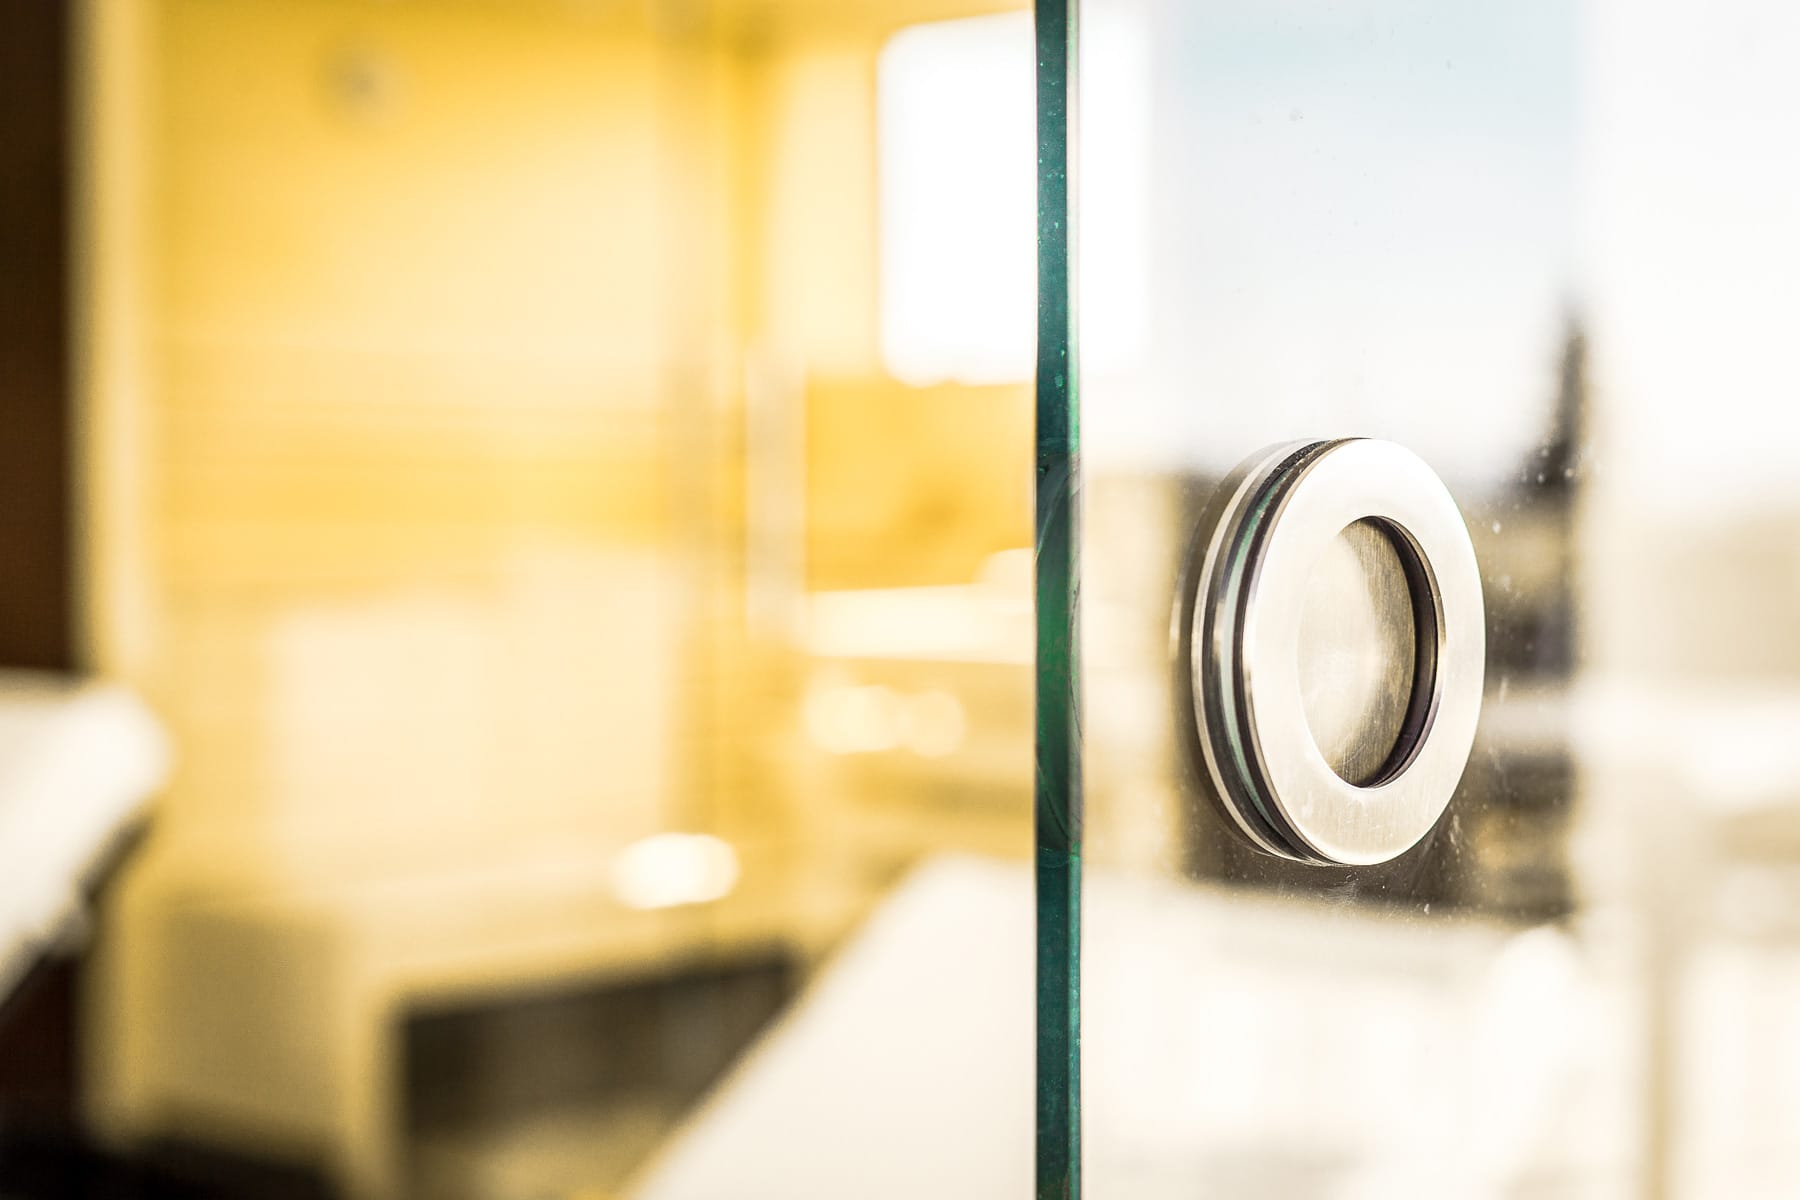 raumteiler schiebet ren glas f r den innenbereich. Black Bedroom Furniture Sets. Home Design Ideas